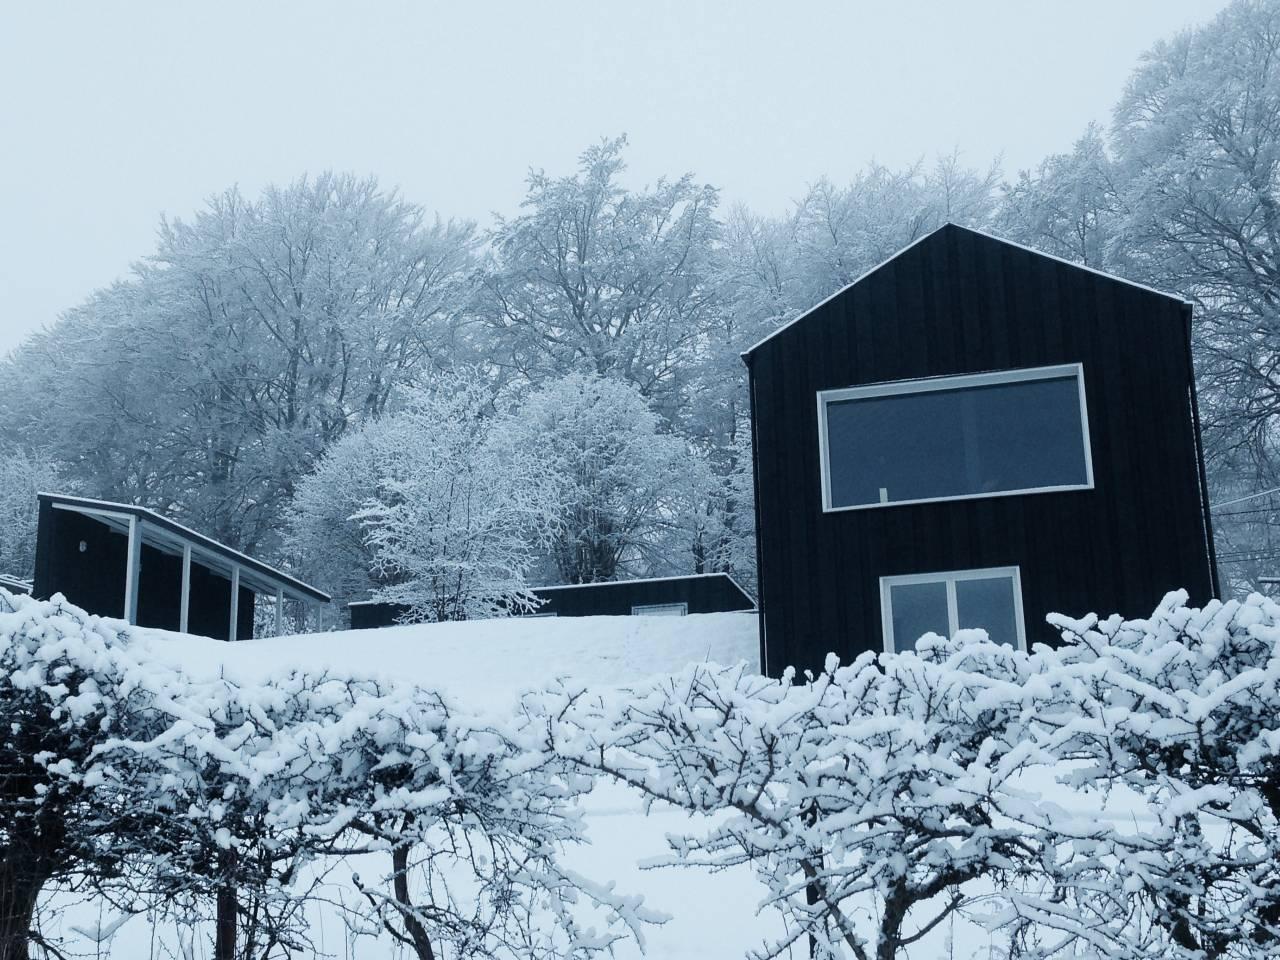 Overnachten huisje met houtkachel en uitzicht Ardennen1